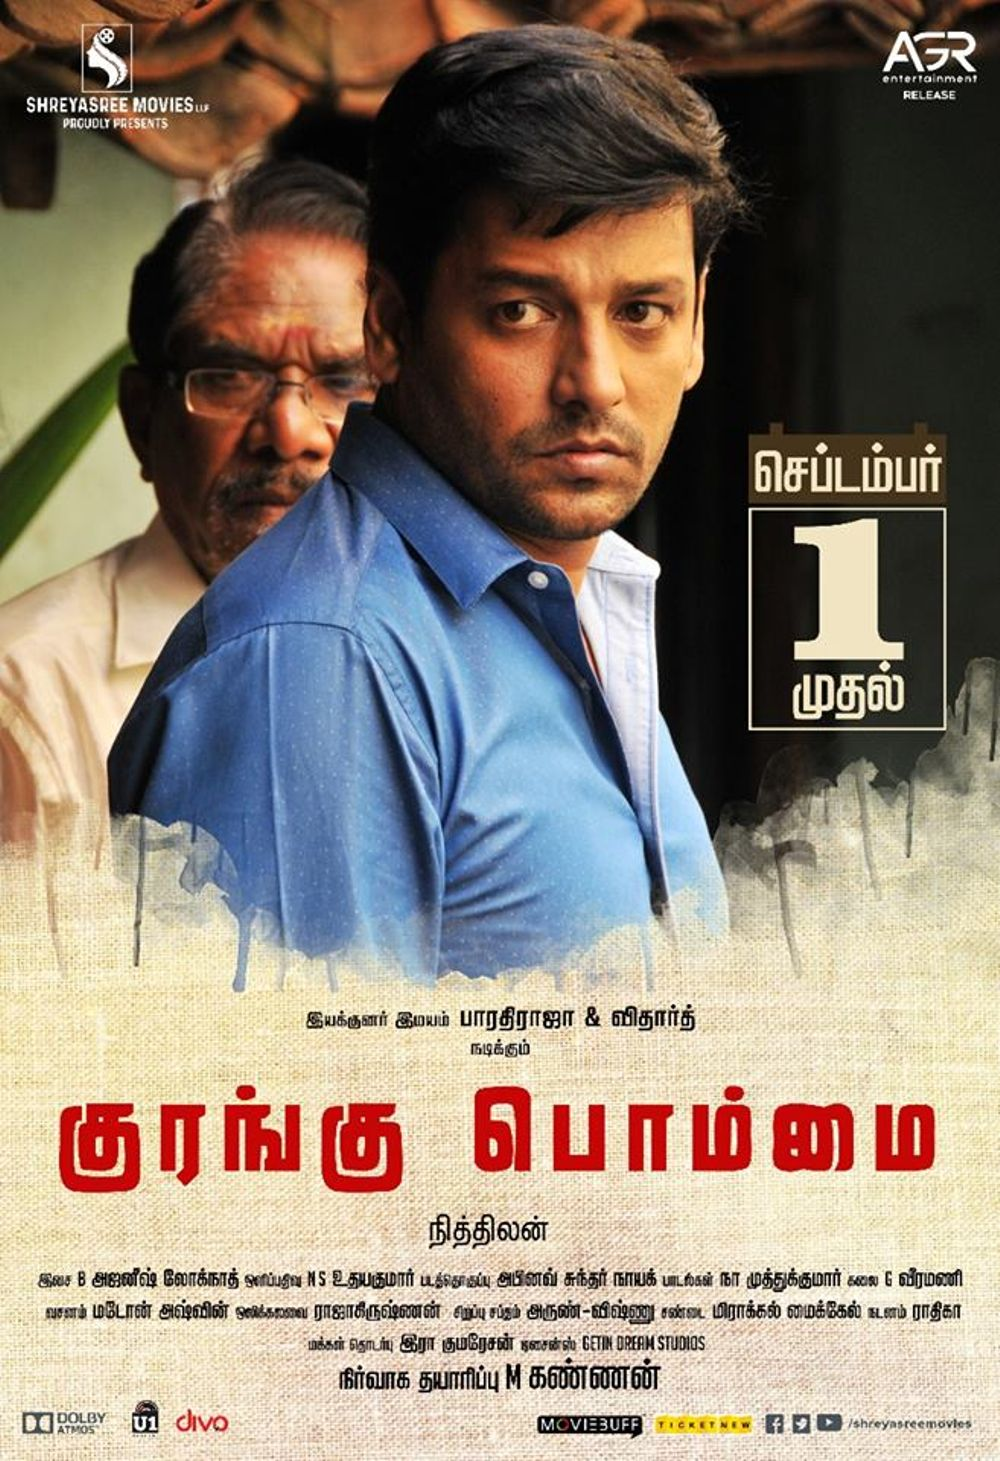 Kurangu Bommai Movie Review Tamil Movie Review